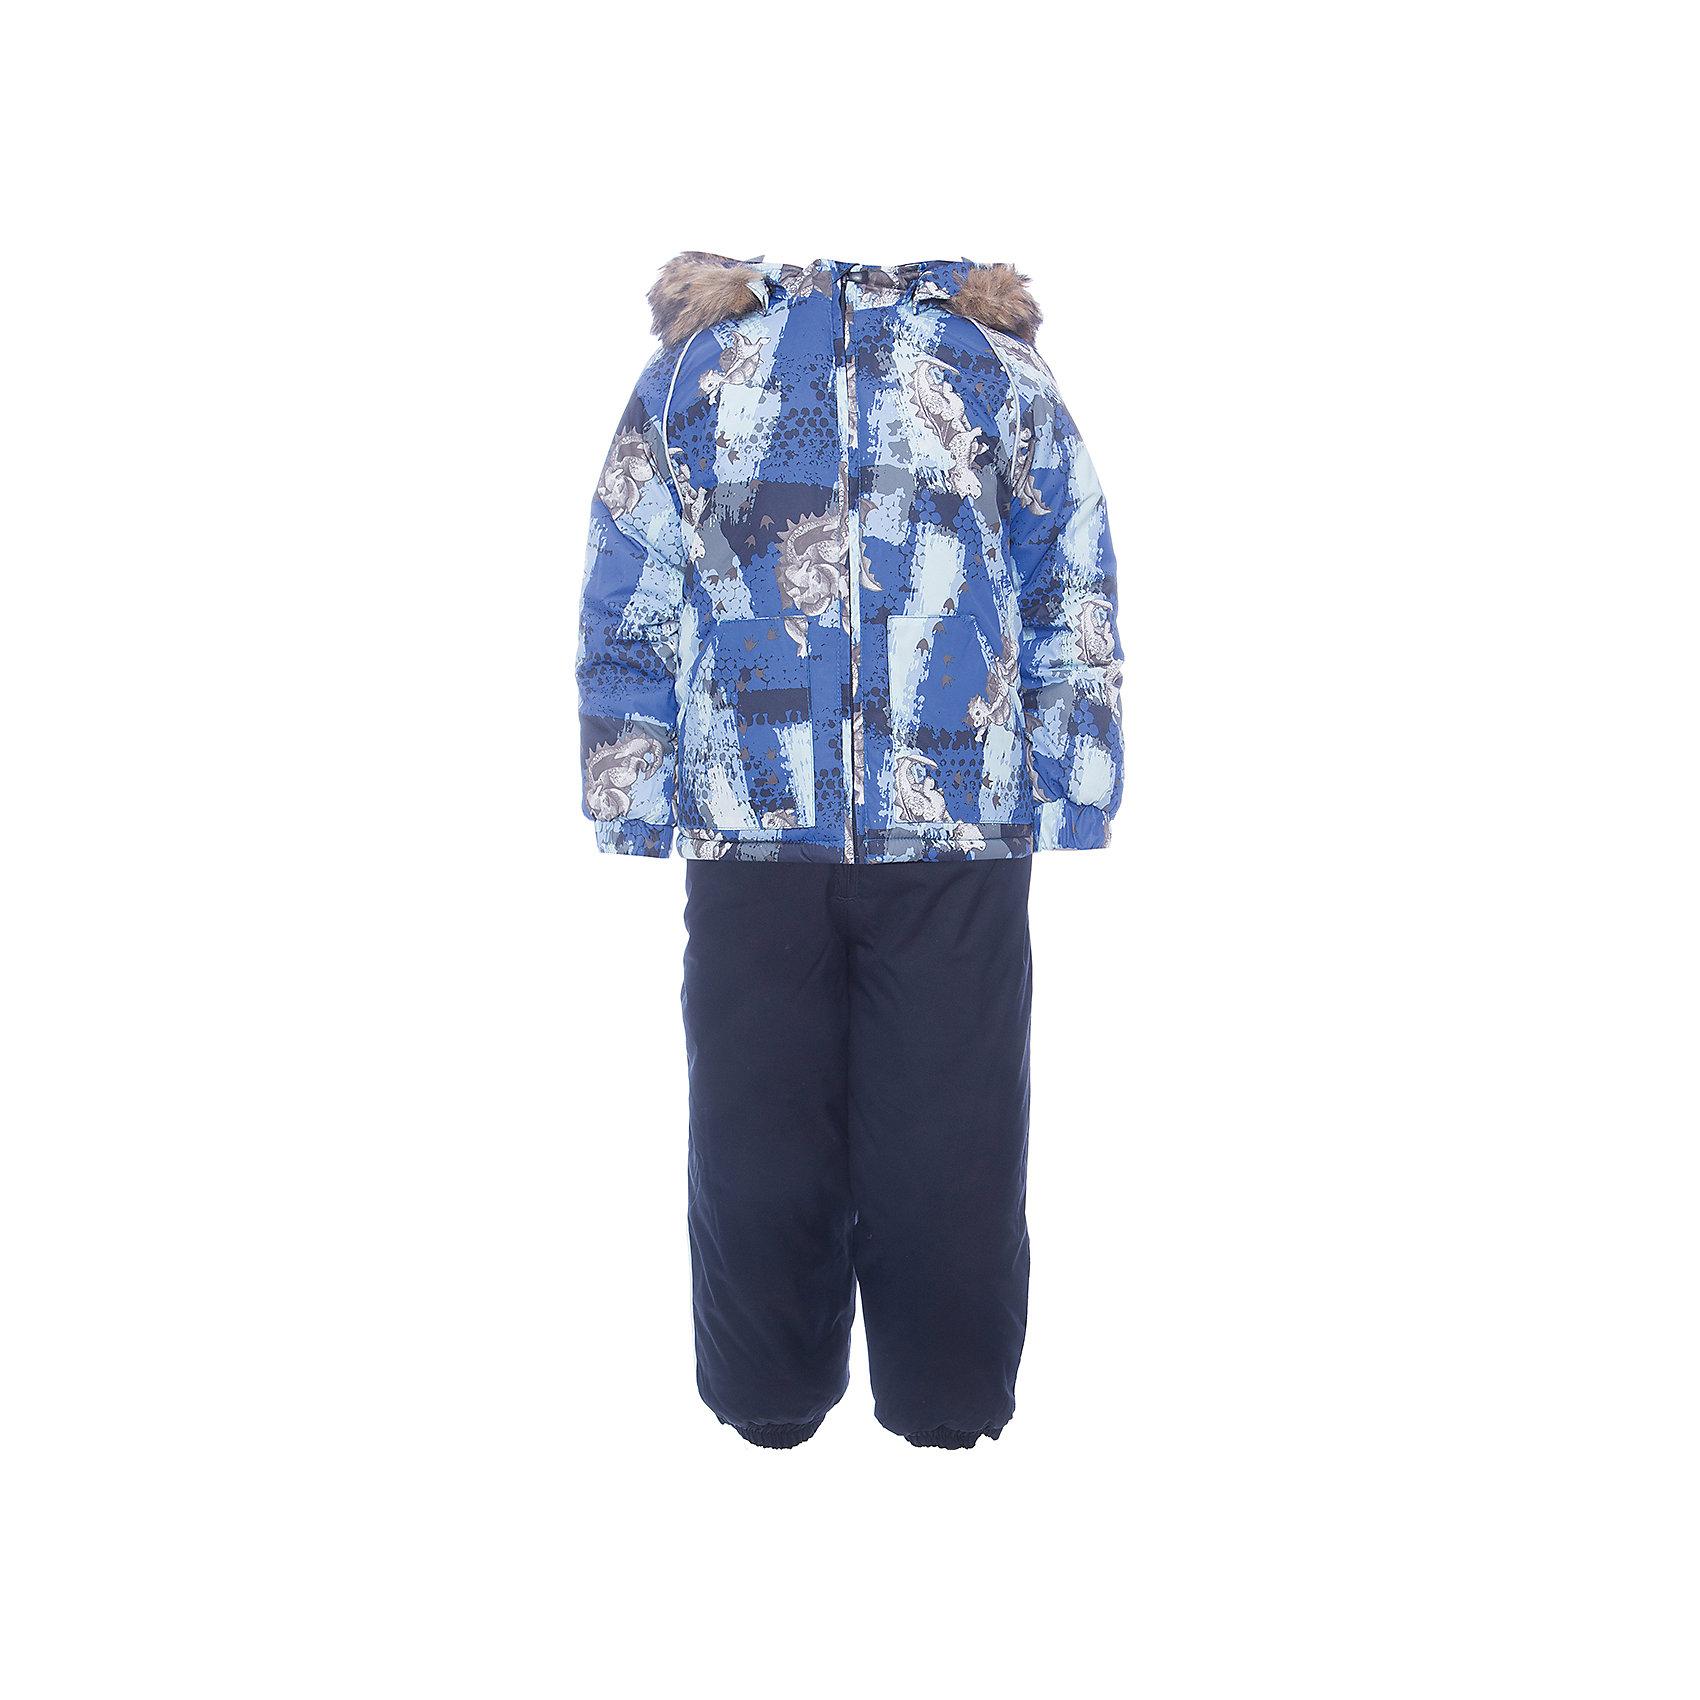 Комплект: куртка и брюки AVERY HuppaКомплекты<br>Комплект для малышей  AVERY.Водо и воздухонепроницаемость 5 000 куртка / 10 000 брюки. Утеплитель 300 гр куртка/160 гр брюки. Подкладка фланель 100% хлопок.Отстегивающийся капюшон с мехом.Манжеты рукавов на резинке. Манжеты брюк на резинке.Добавлены петли для ступней.Резиновые подтяжки.Имеются светоотражательные элементы.<br>Состав:<br>100% Полиэстер<br><br>Ширина мм: 356<br>Глубина мм: 10<br>Высота мм: 245<br>Вес г: 519<br>Цвет: синий<br>Возраст от месяцев: 36<br>Возраст до месяцев: 48<br>Пол: Унисекс<br>Возраст: Детский<br>Размер: 104,80,86,92,98<br>SKU: 7026976